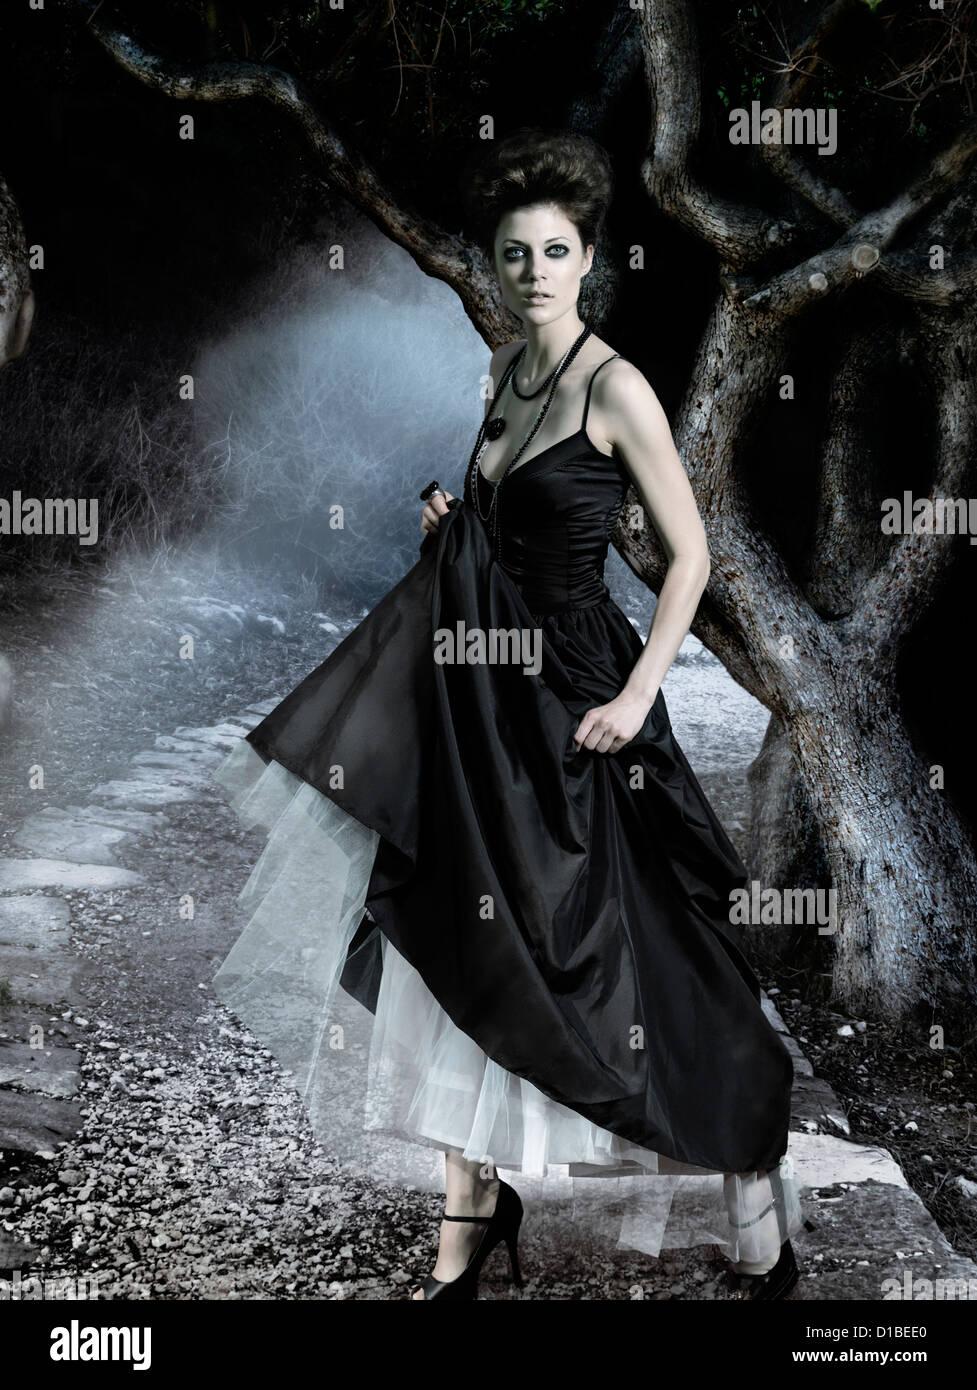 Belle jeune femme portant une robe noire classique dans une sombre forêt mystérieuse. Composé numériquement l'image. Banque D'Images